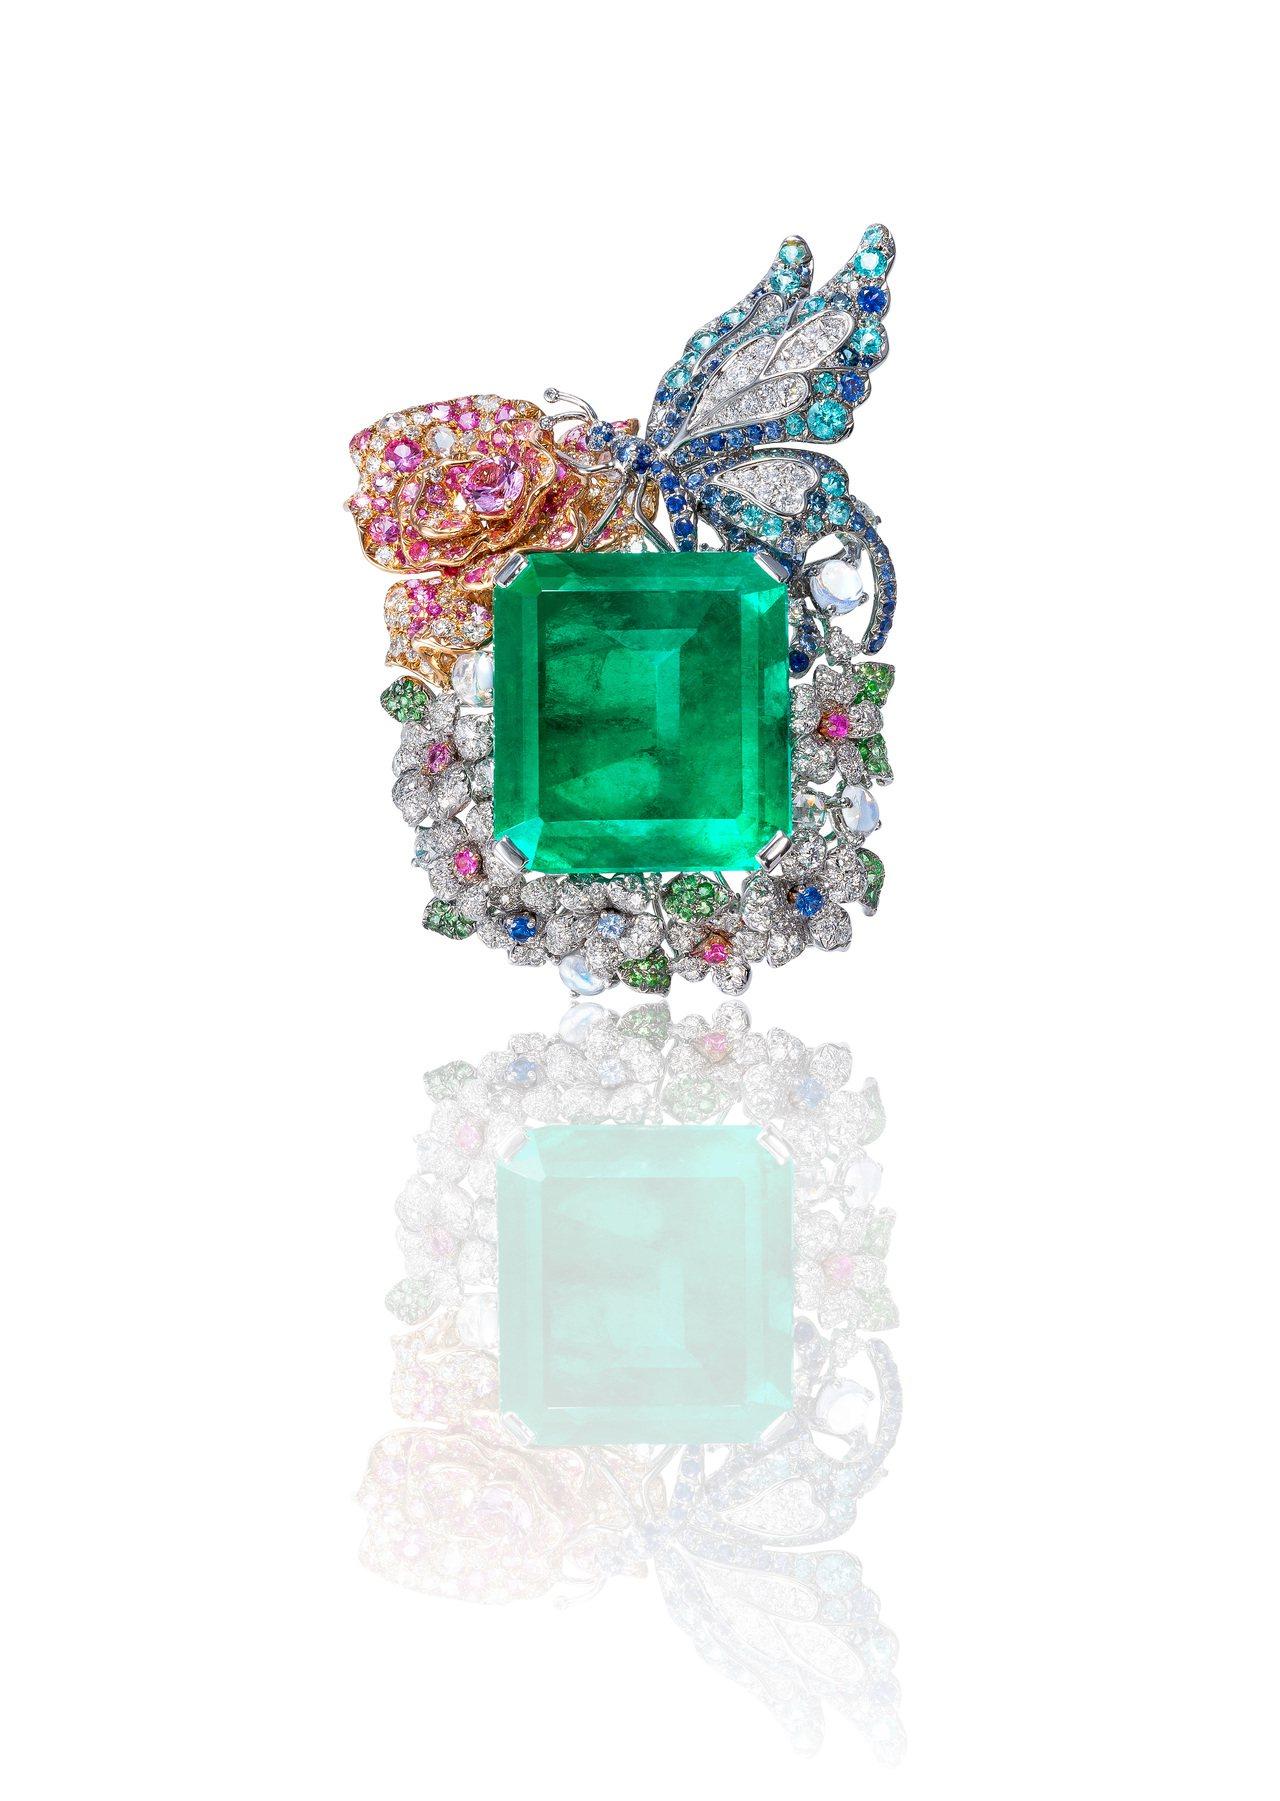 《玫瑰蝴蝶祖母绿戒指》,以43.83克拉祖母绿为主石,搭配月光石、彩色刚玉、白钻...